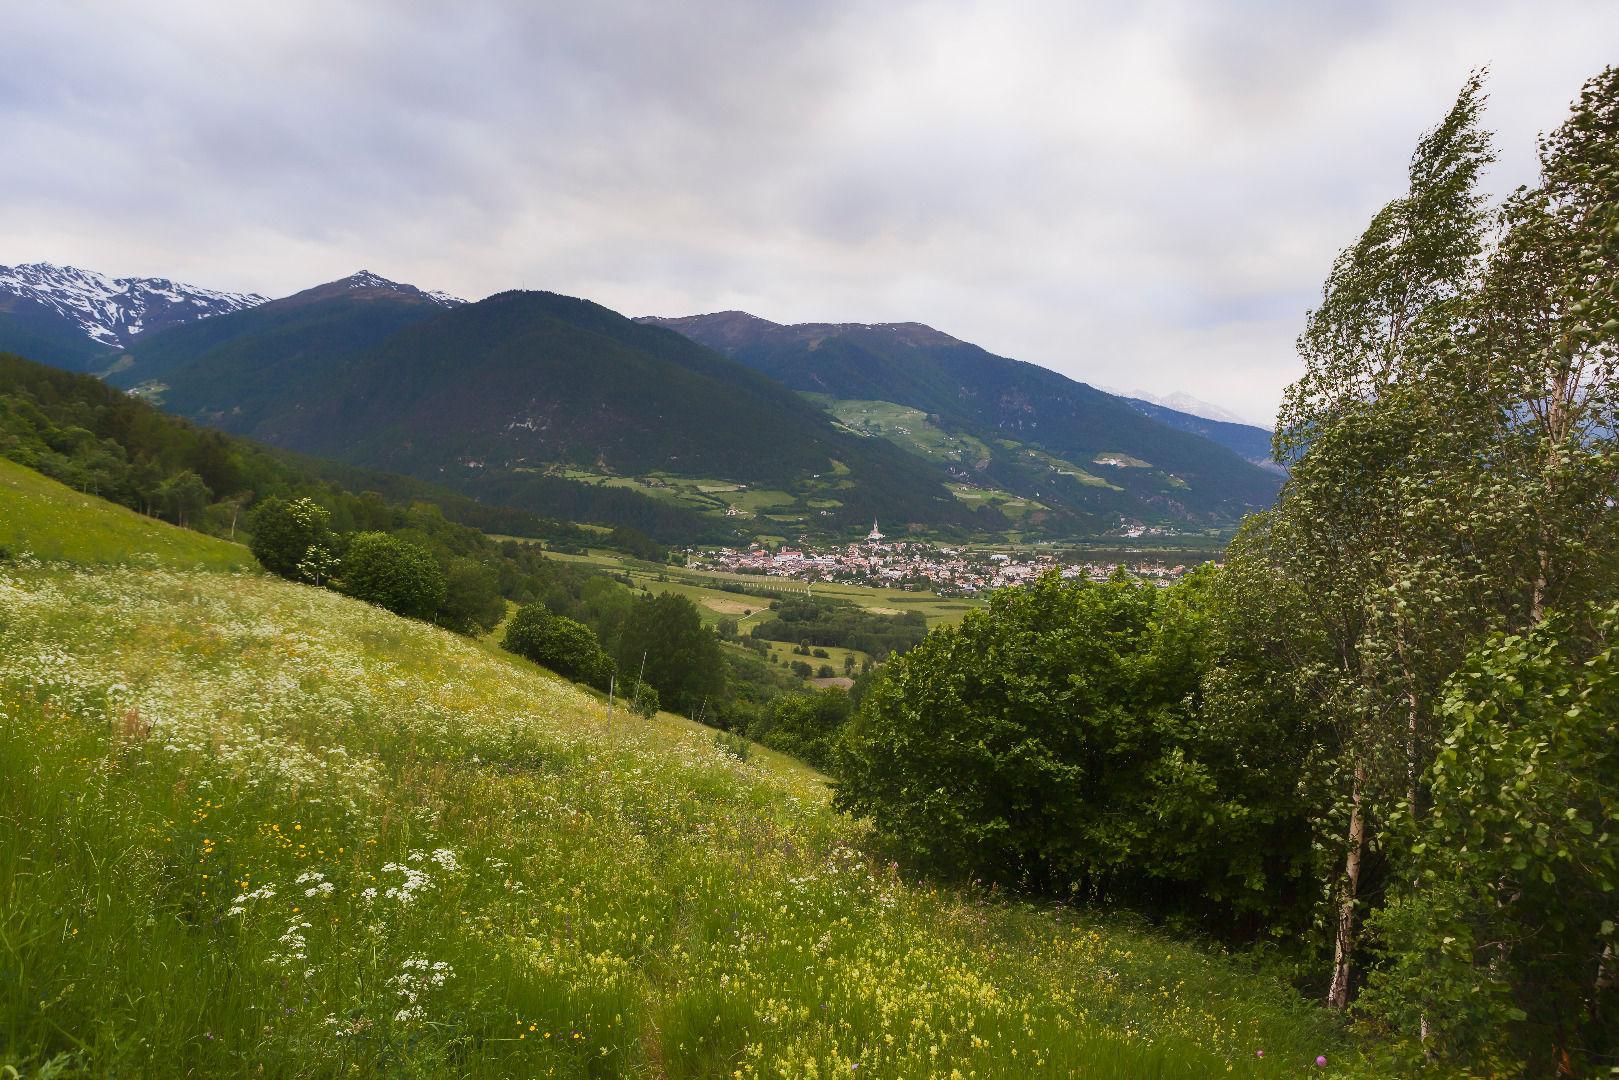 wandern-kulturwanderung-nach-tschengls-vinschgau-fb